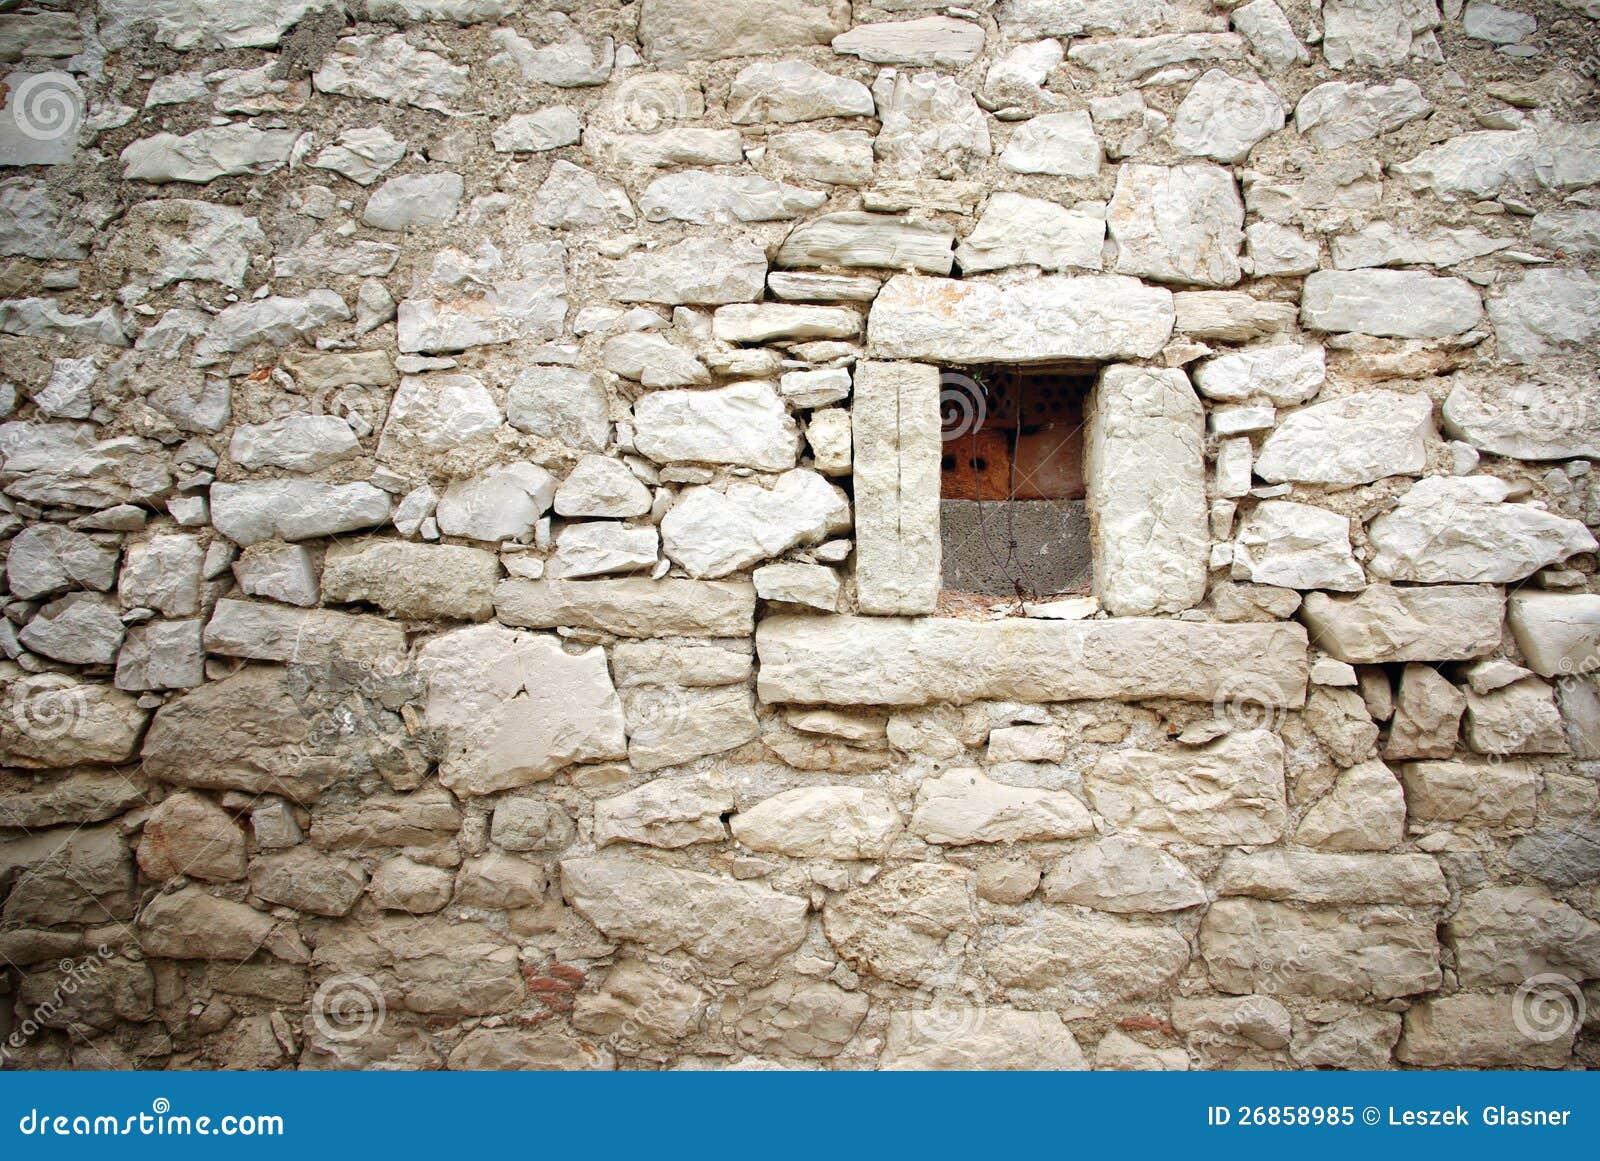 mur en pierre avec le petit fond de texture de fen tre image stock image du vieillissement. Black Bedroom Furniture Sets. Home Design Ideas